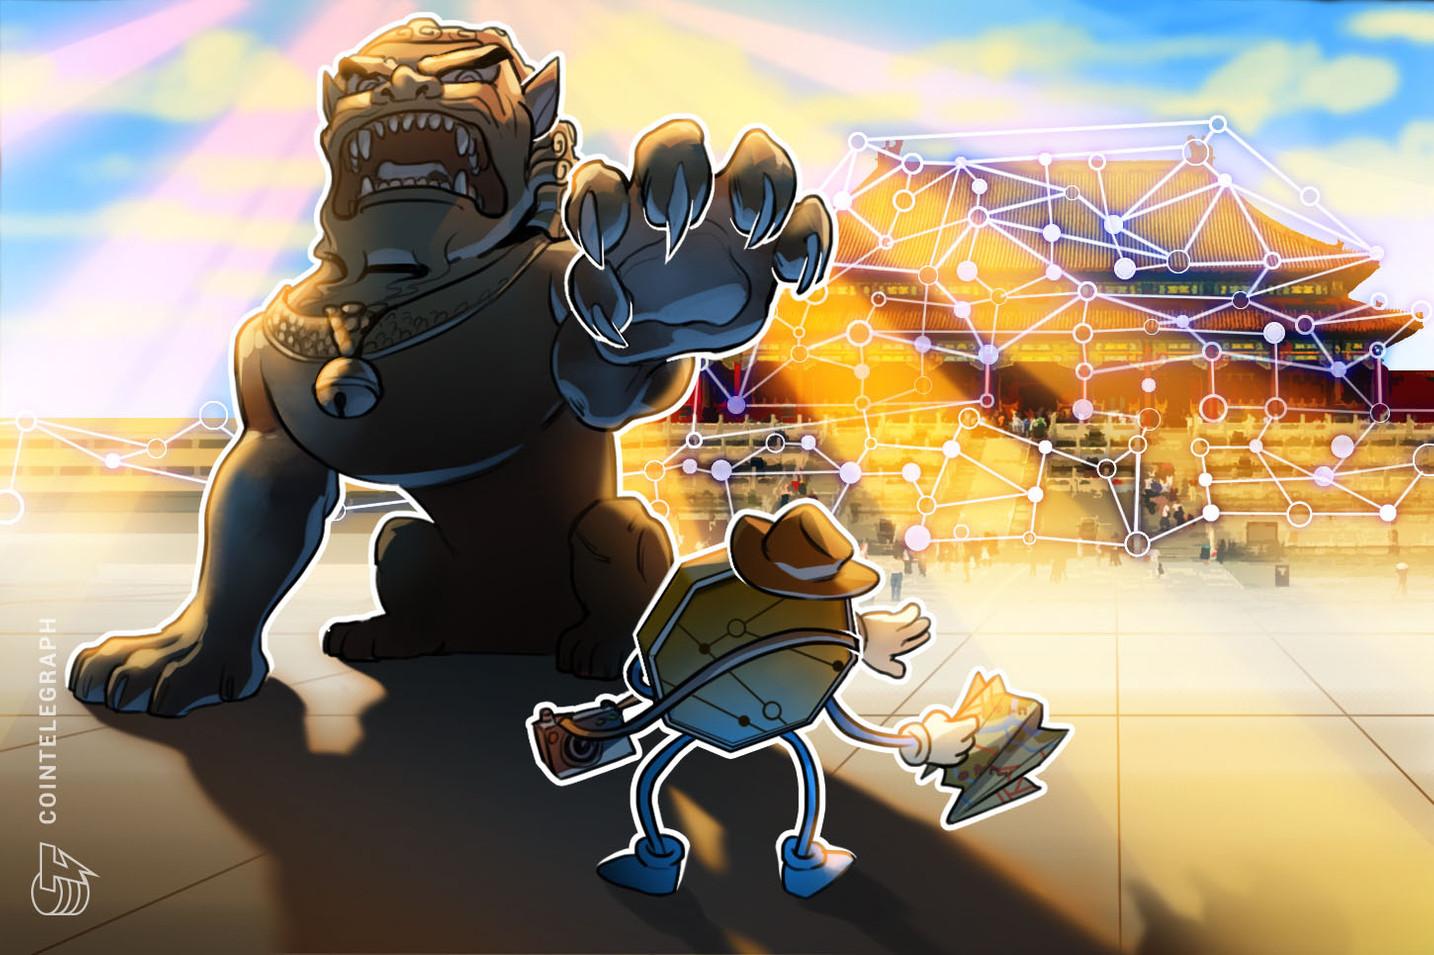 Los reguladores financieros de la provincia de Hainan advierten a los inversores contra las plataformas ilegales de tokens